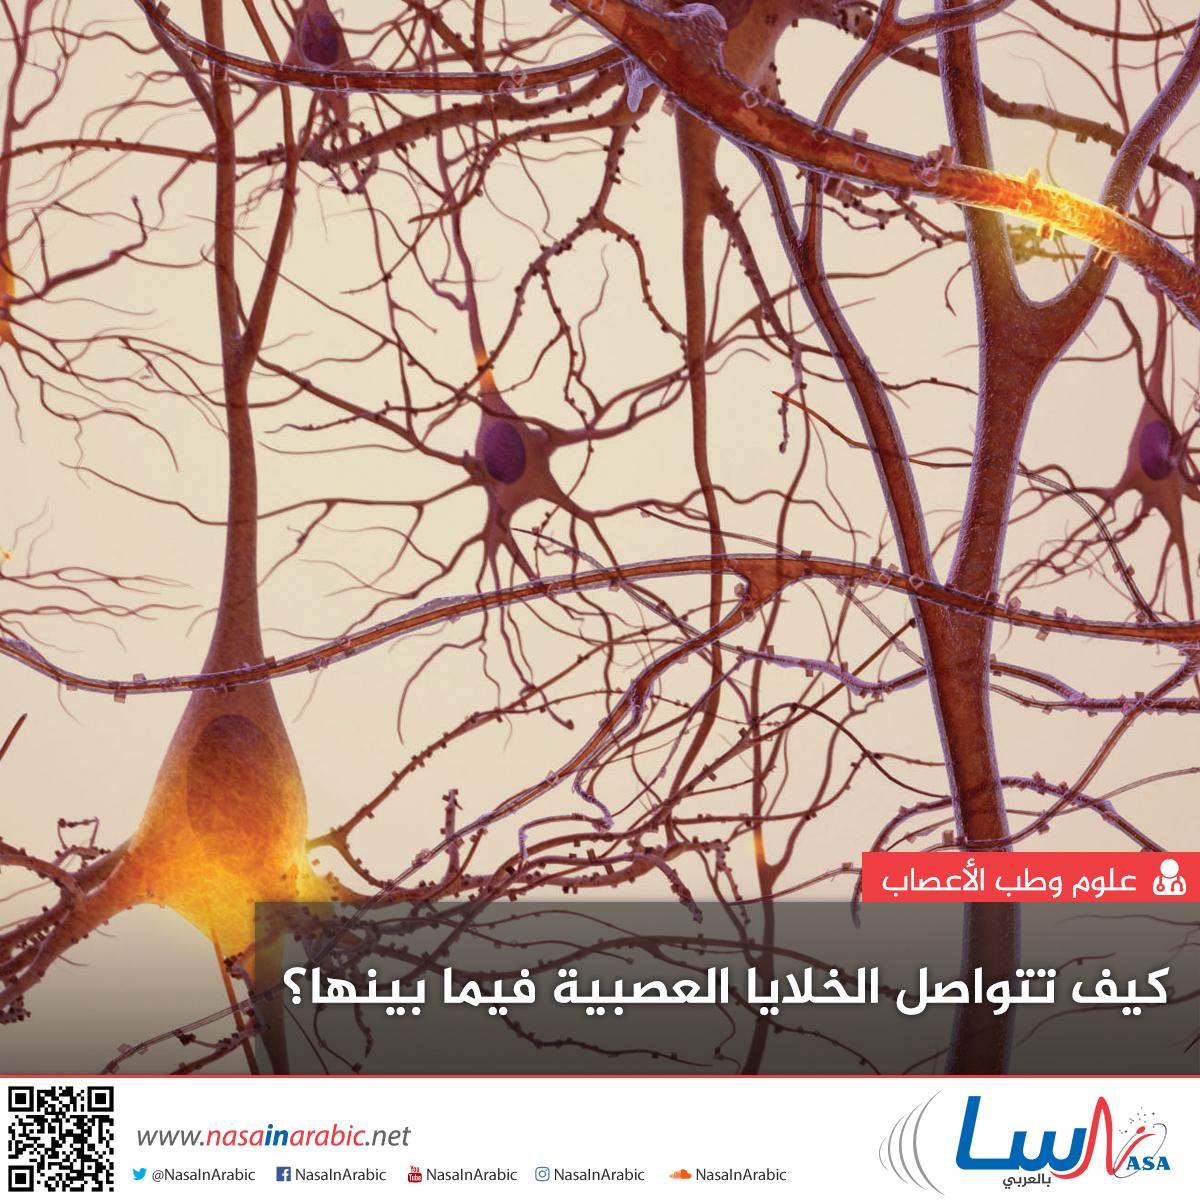 كيف تتواصل الخلايا العصبية فيما بينها؟